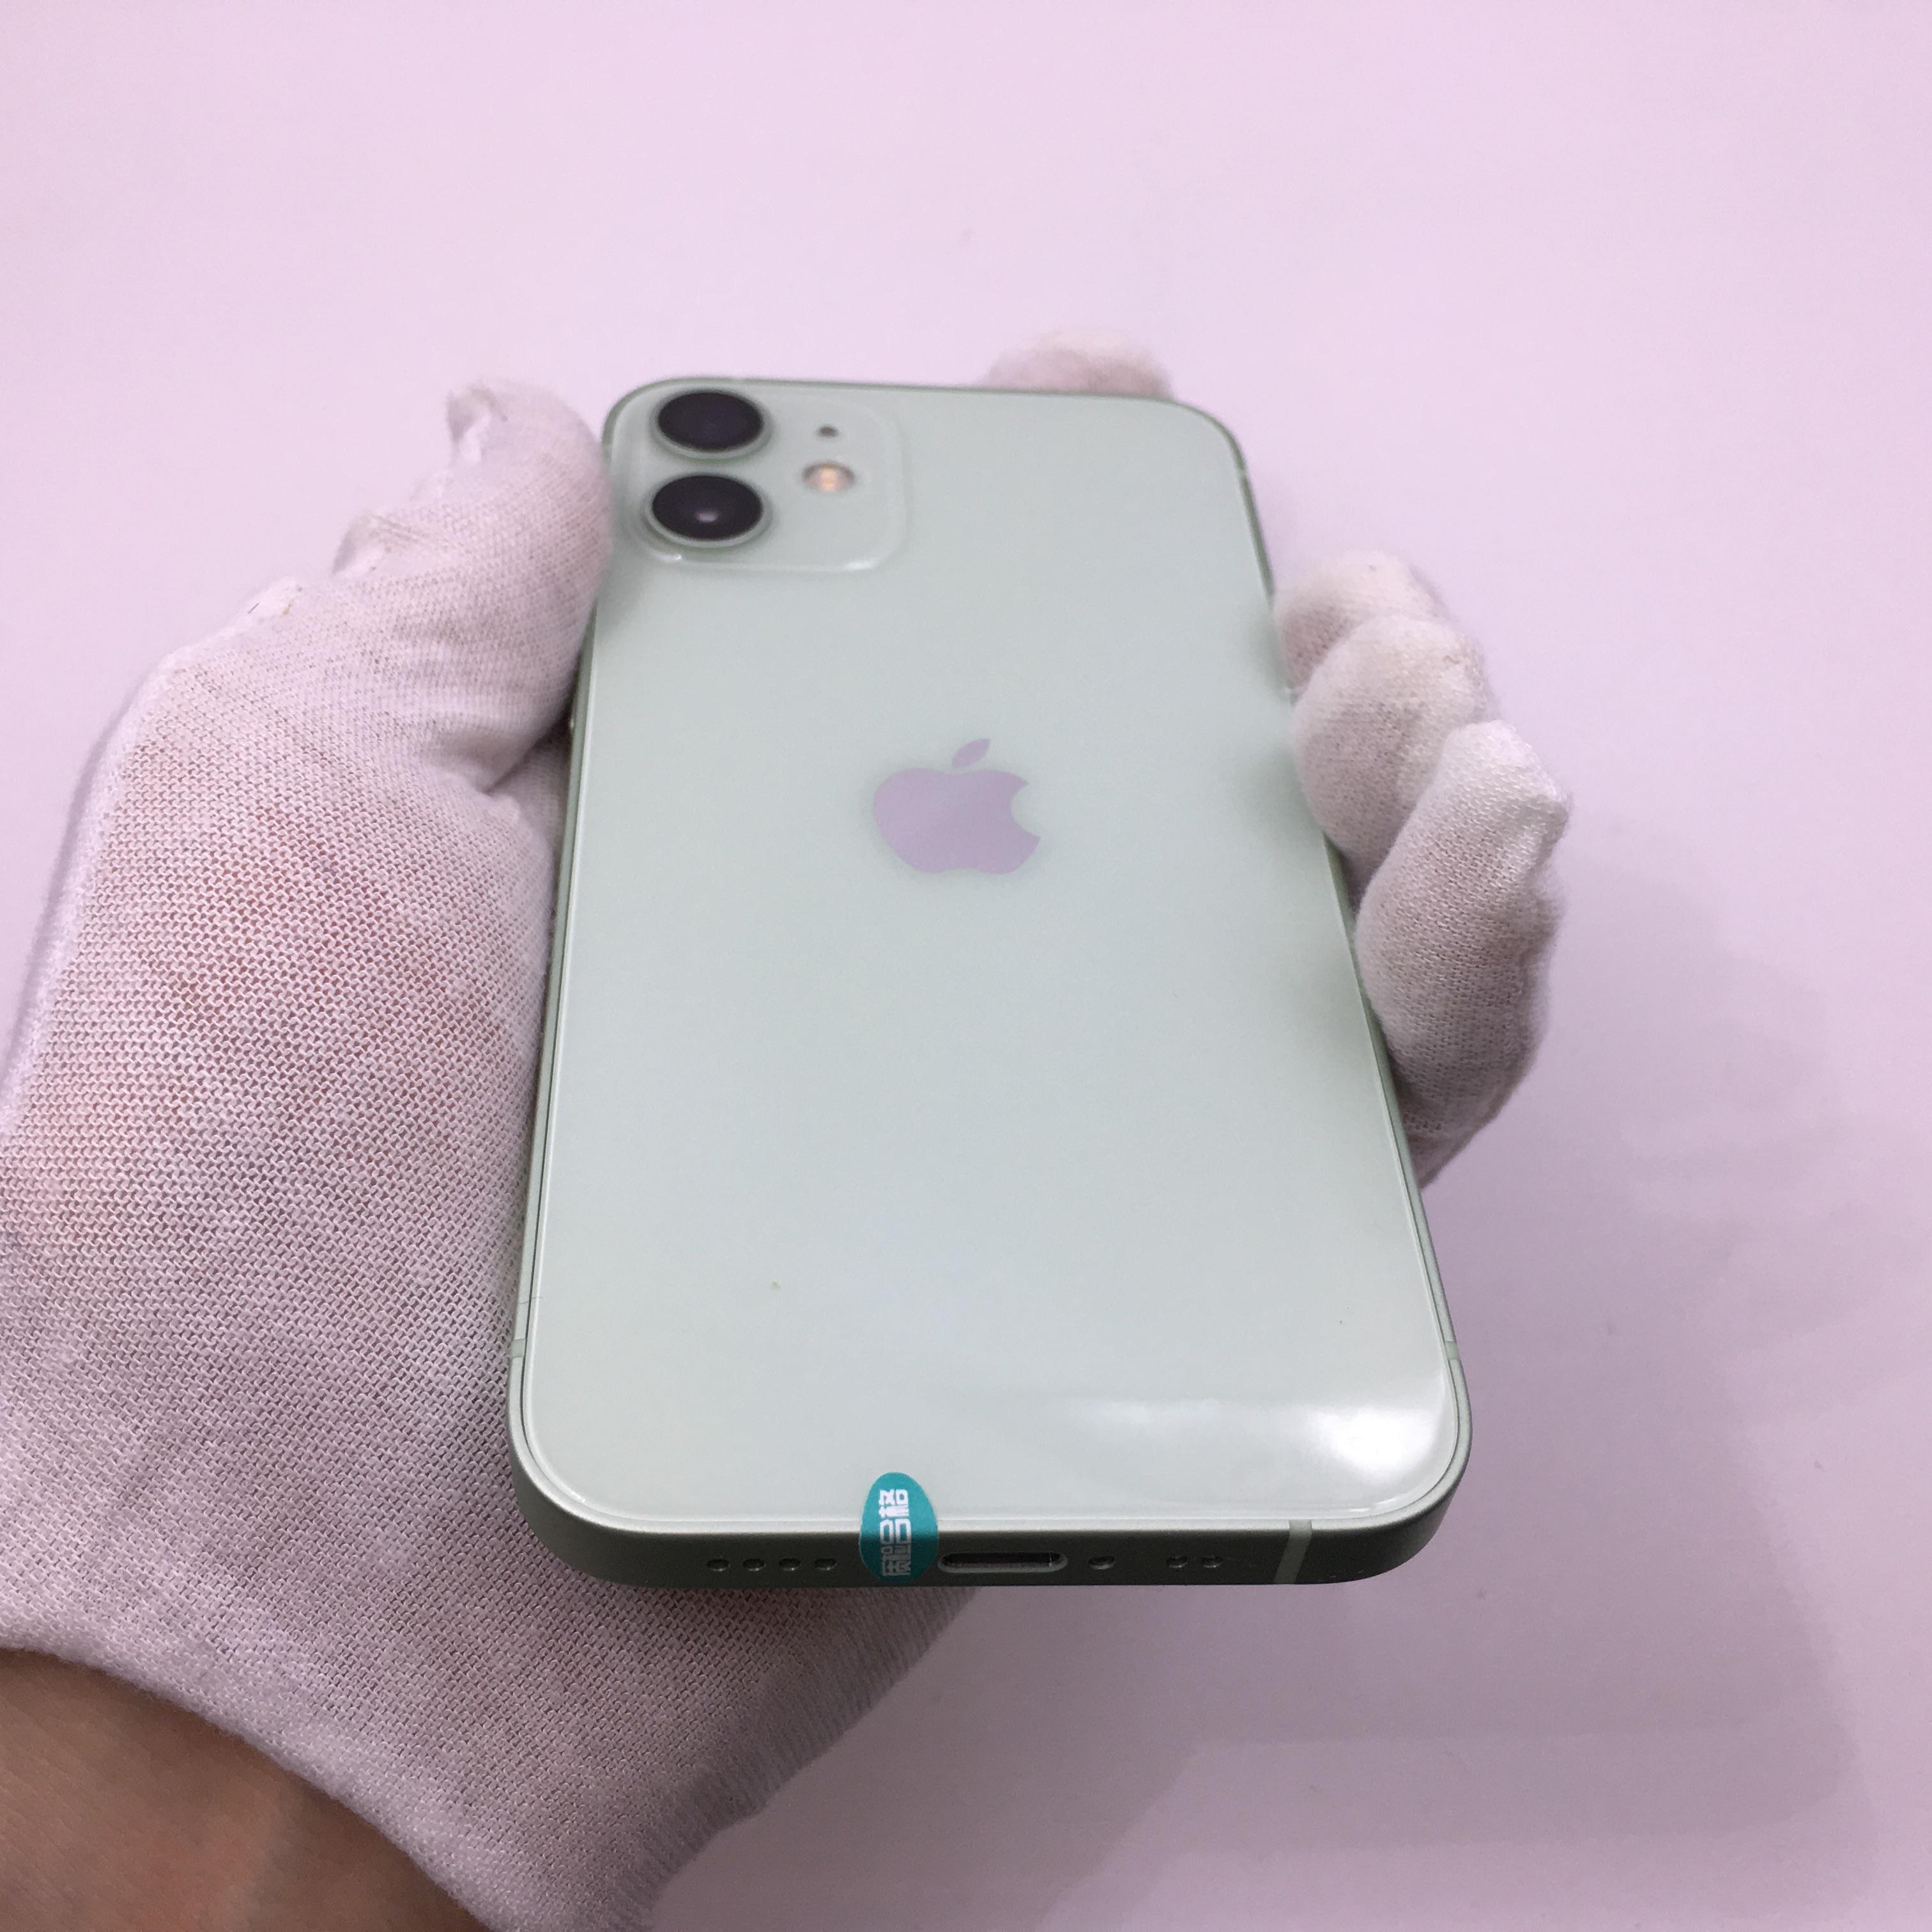 苹果【iPhone 12 mini】5G全网通 绿色 128G 国行 99新